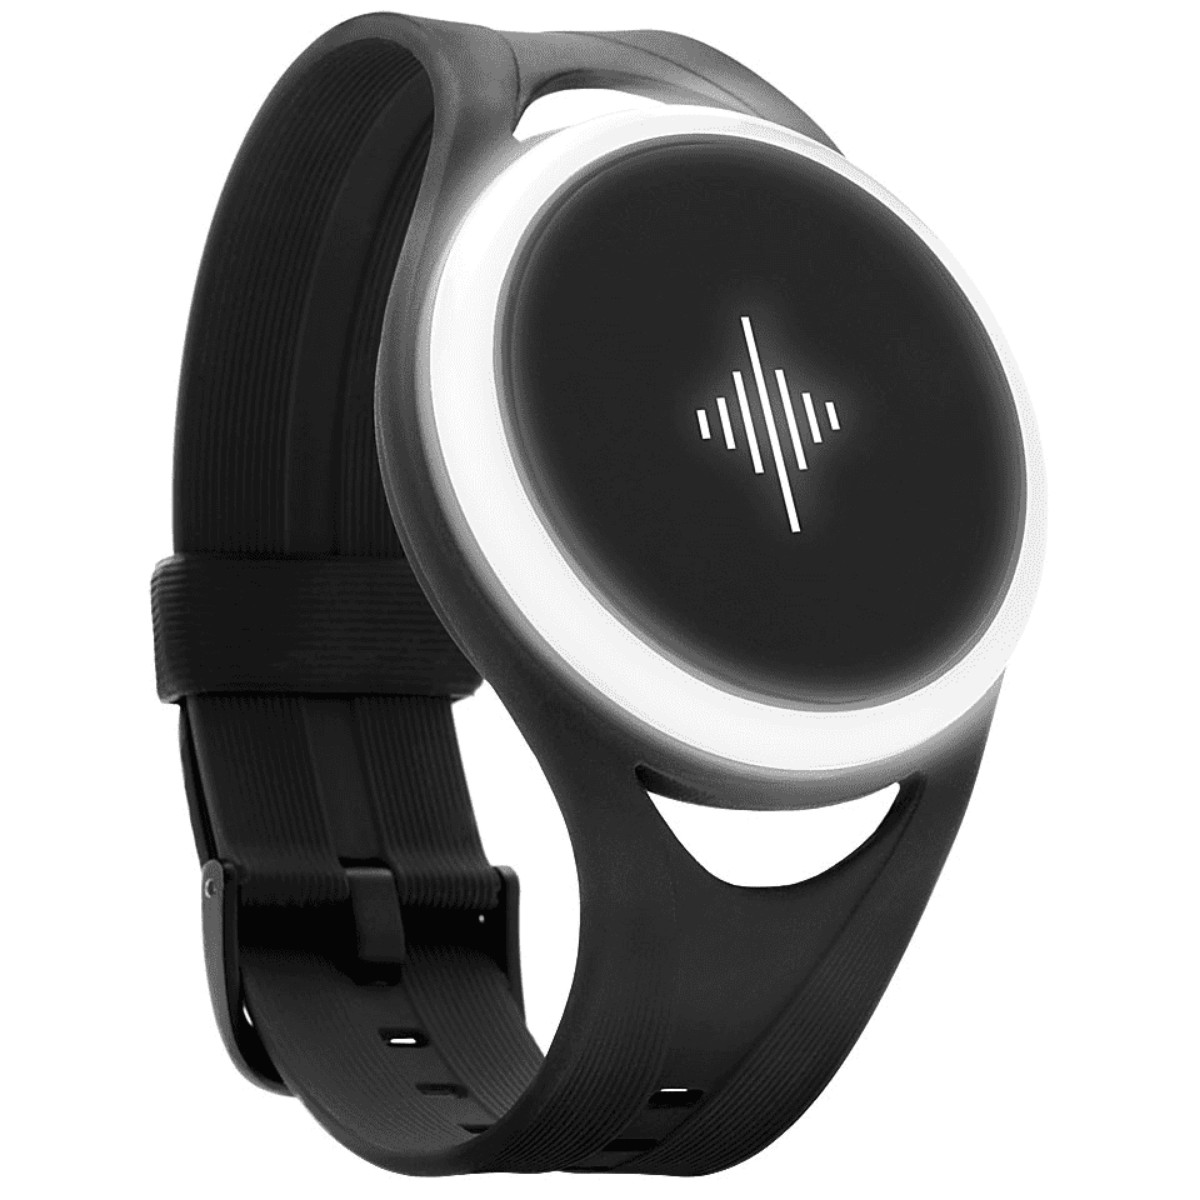 Descubre el Soundbrenner Pulse, el metrónomo portátil que vibra